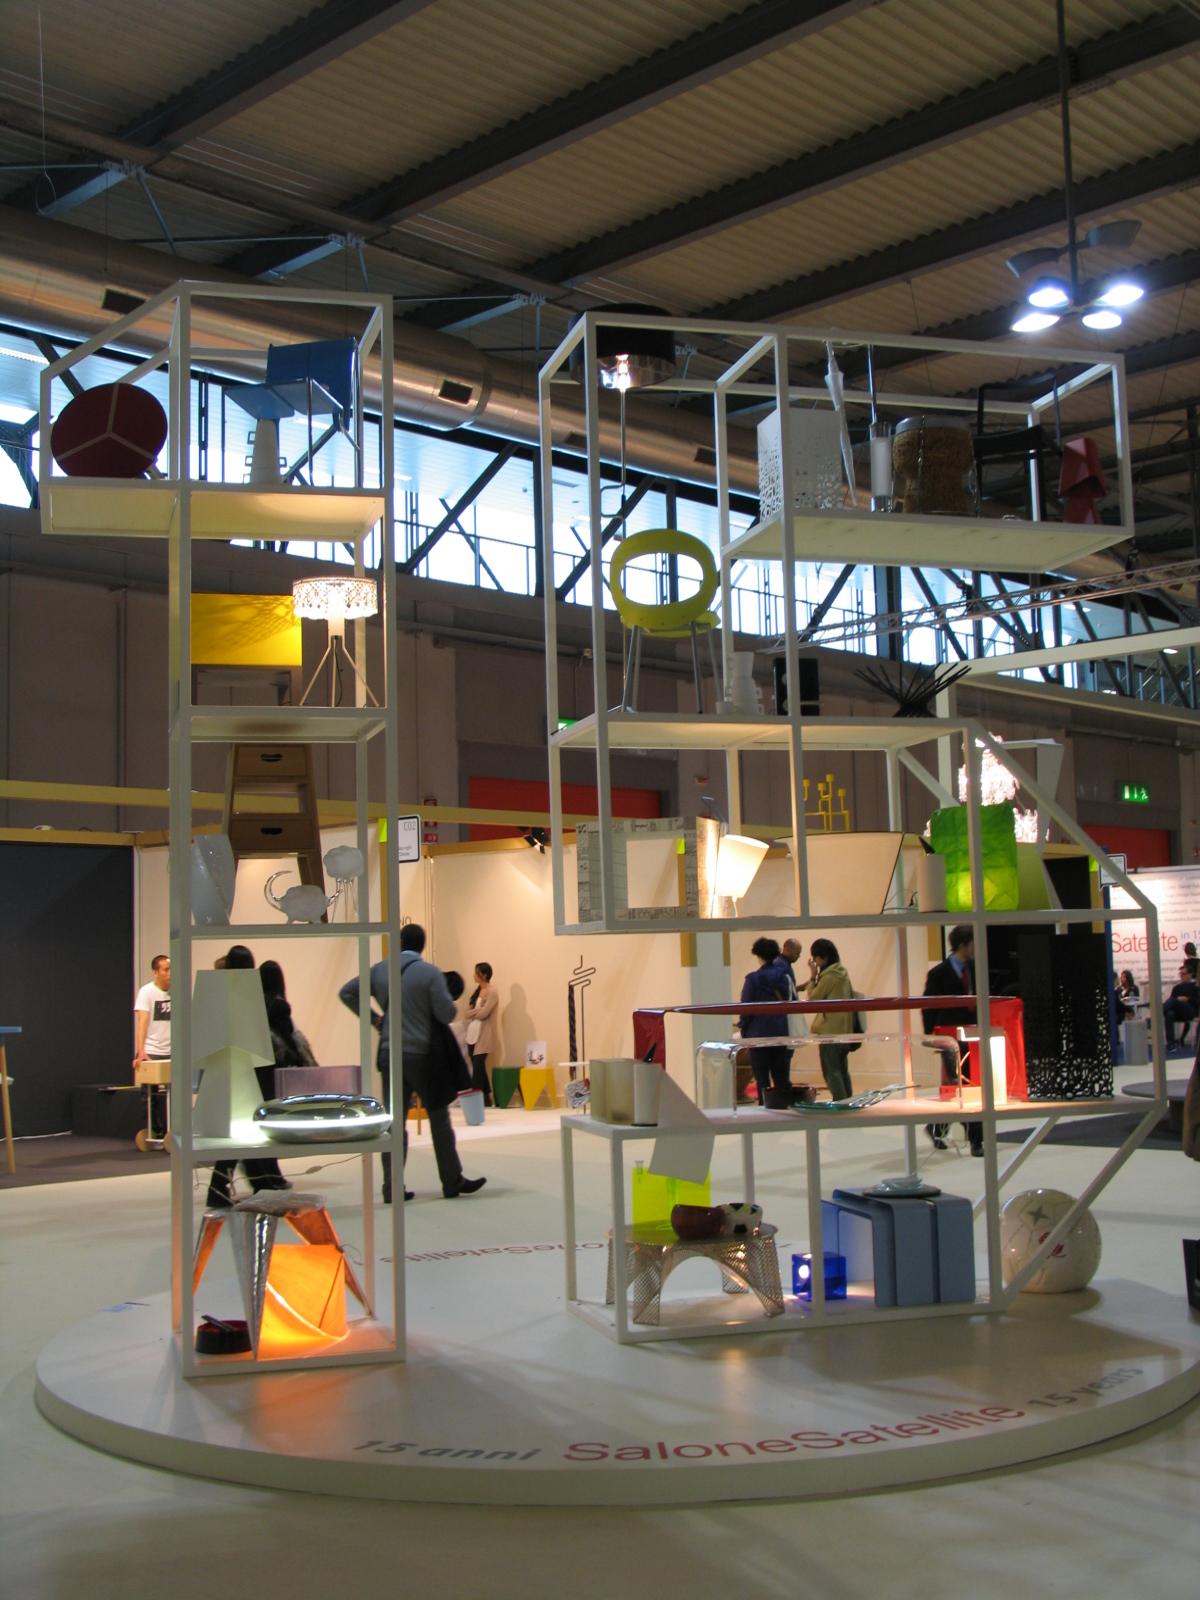 4 salone del mobile salone satellite prima parte for Salone satellite